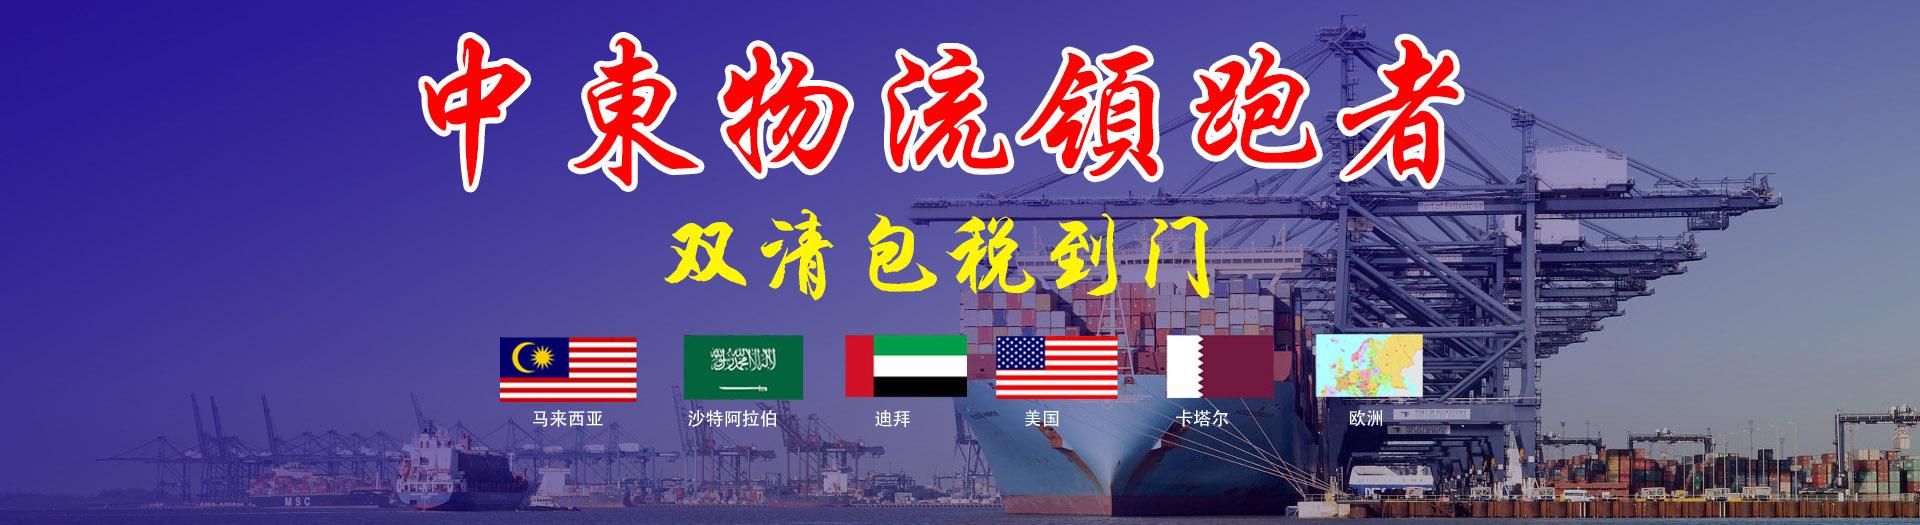 中东物流,马来西亚,欧洲,迪拜,卡塔尔,巴林,国际快递